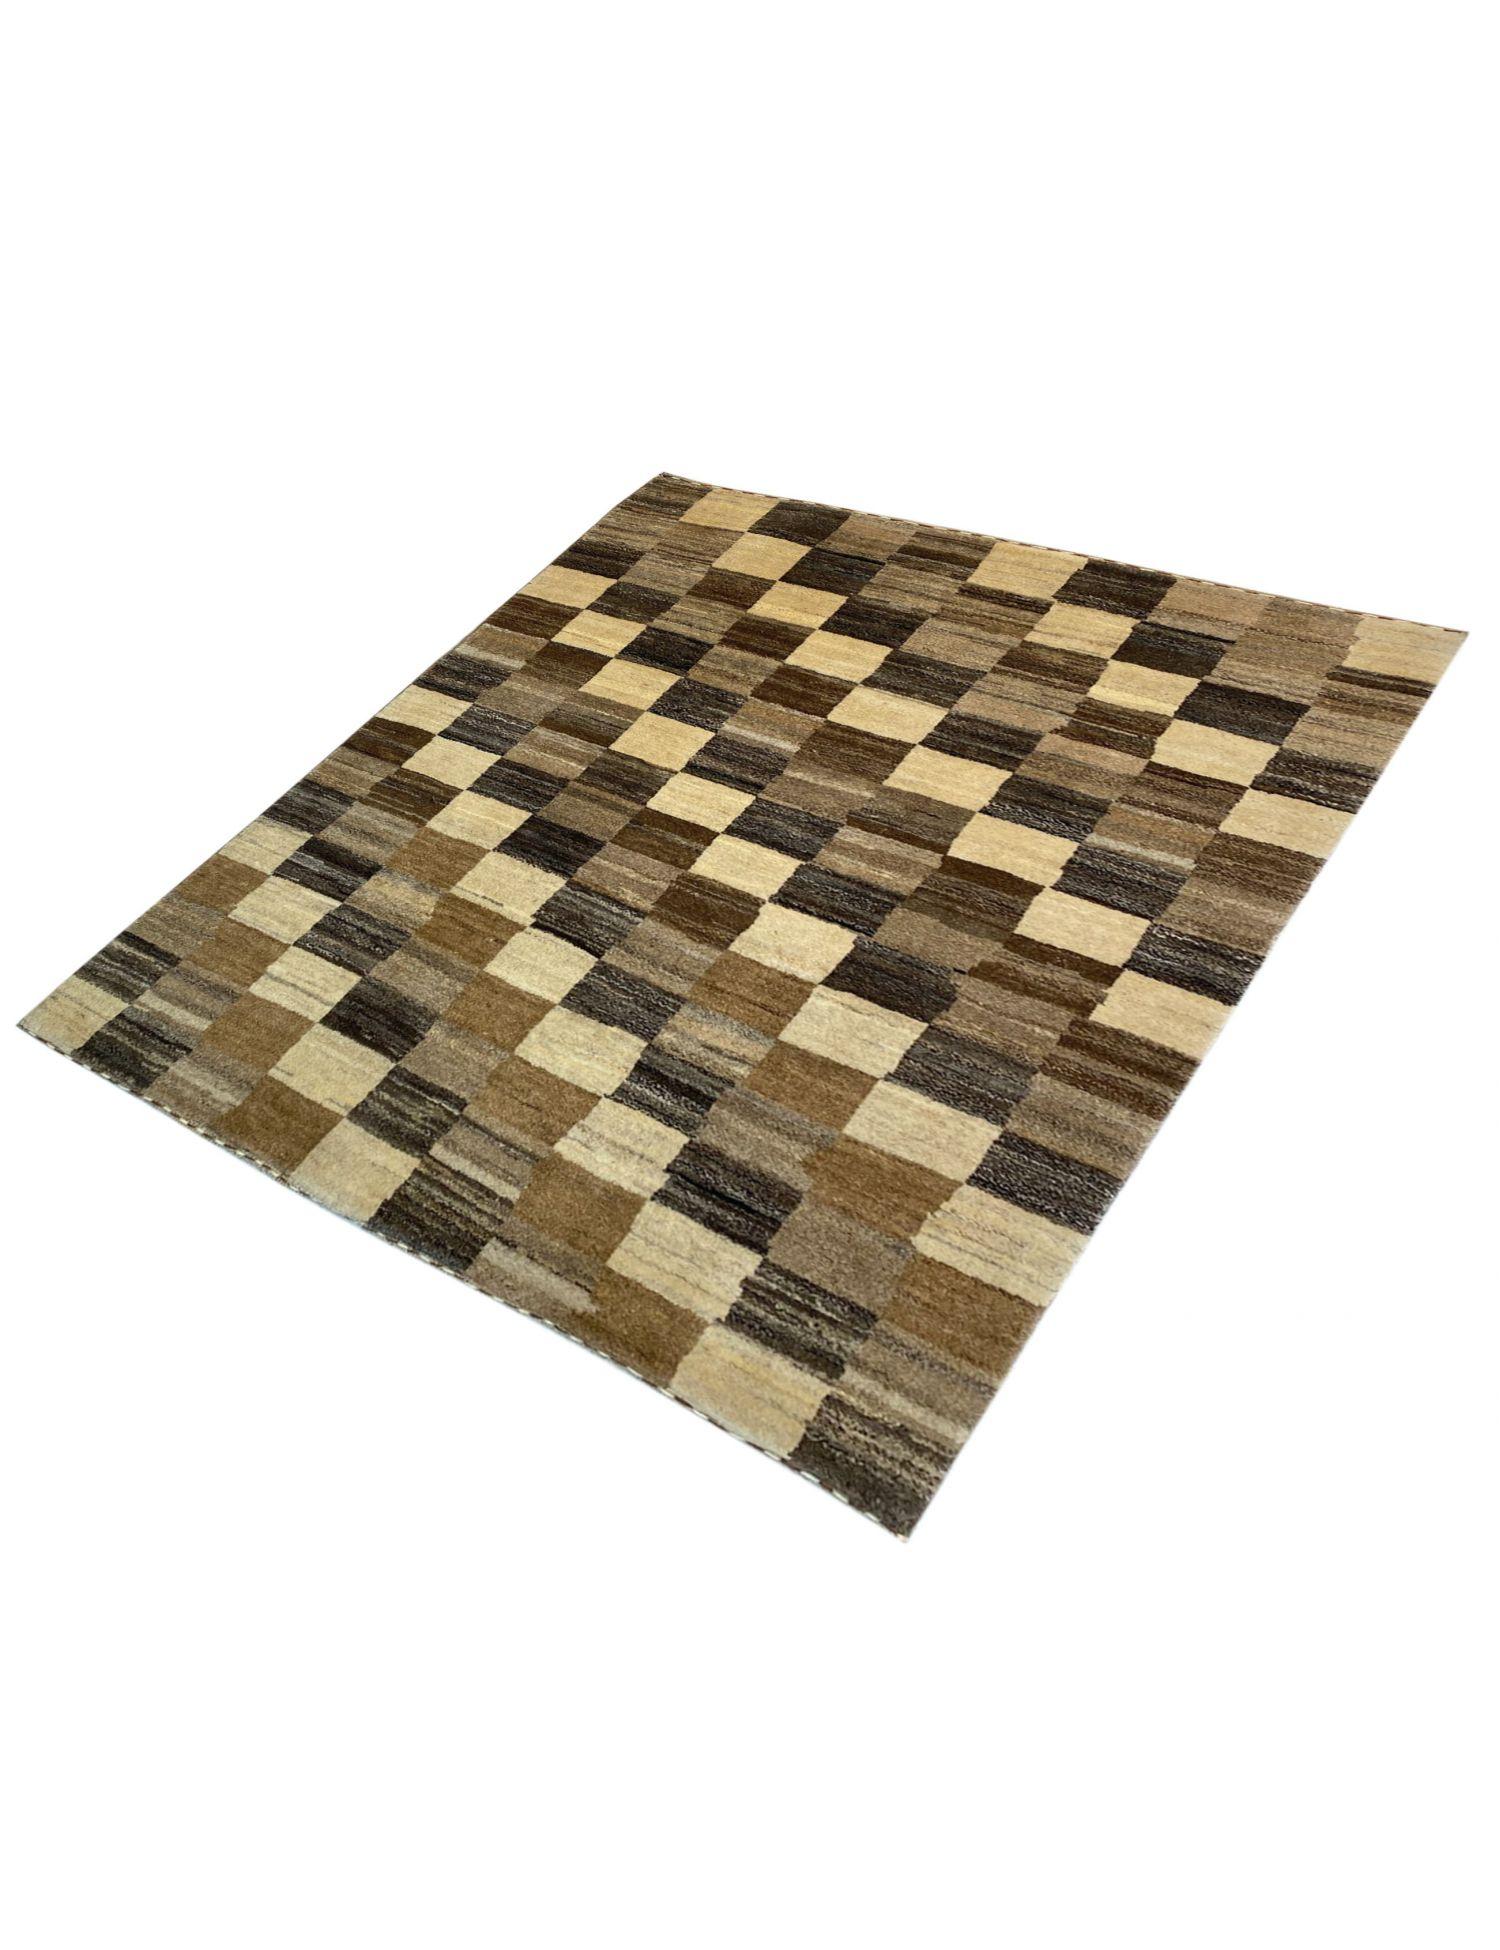 Moderne Teppiche   <br/>143 x 110 cm